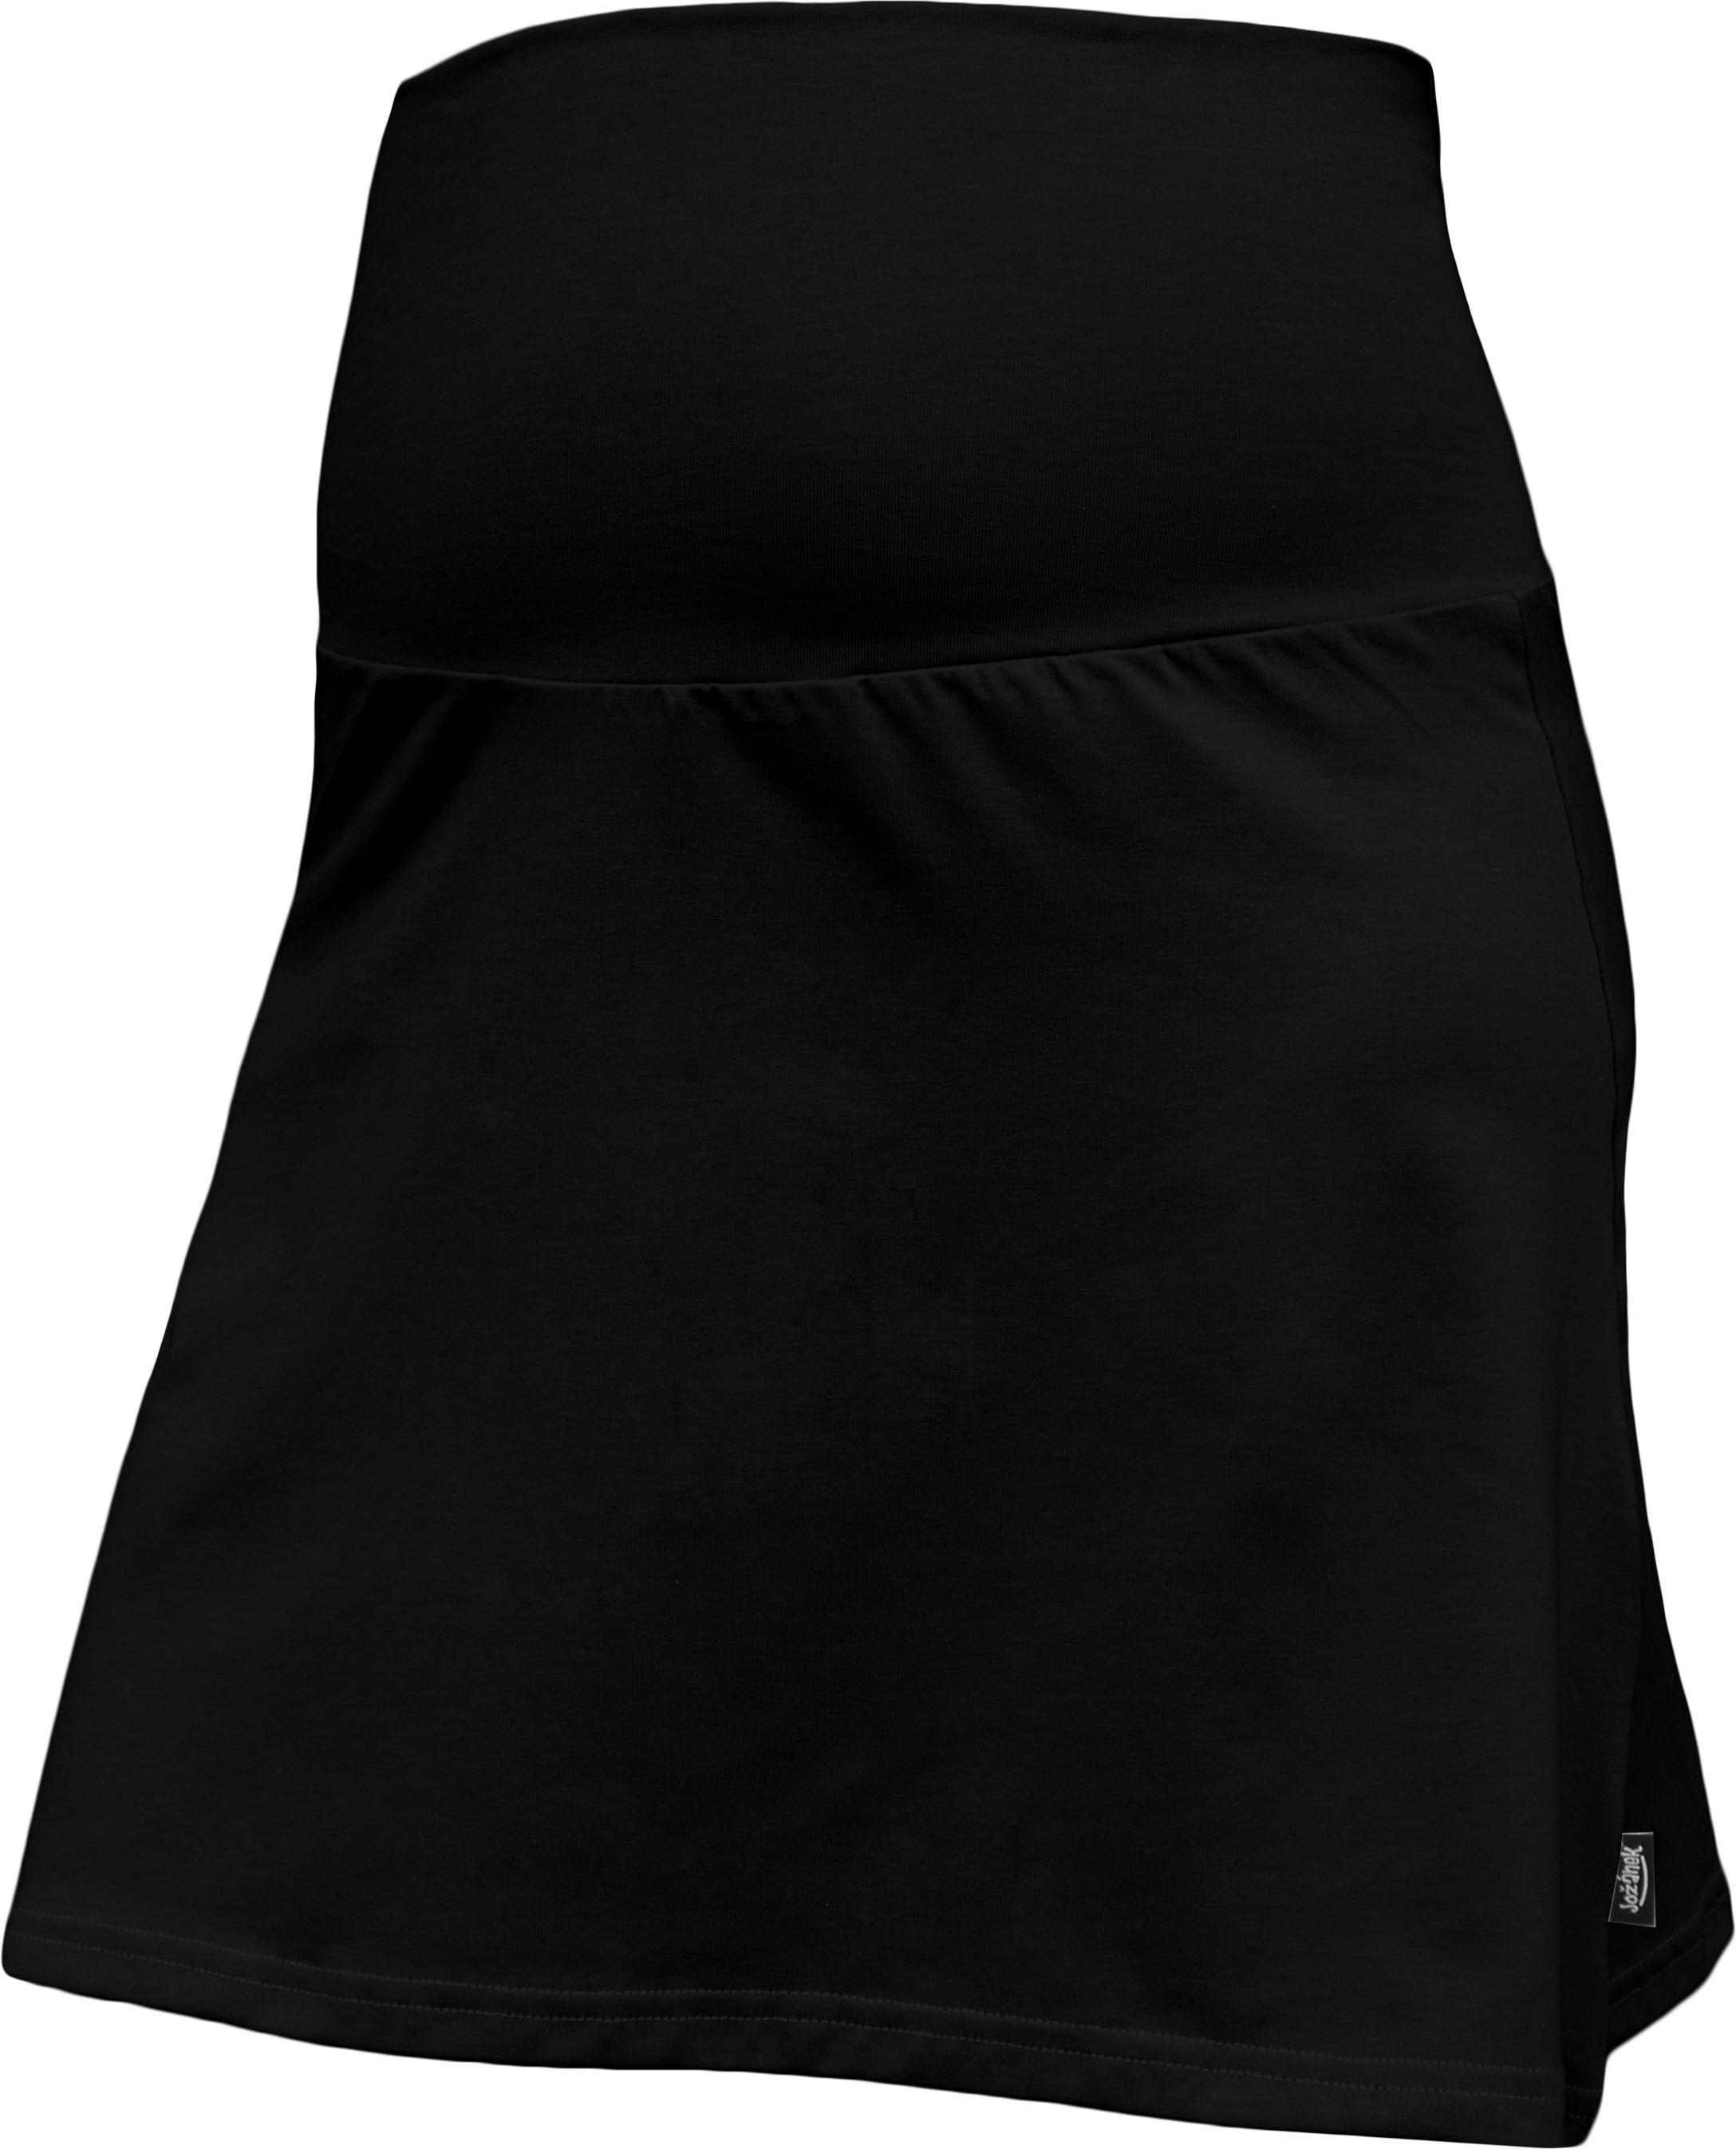 Těhotenská sukně jolana, černá s/m